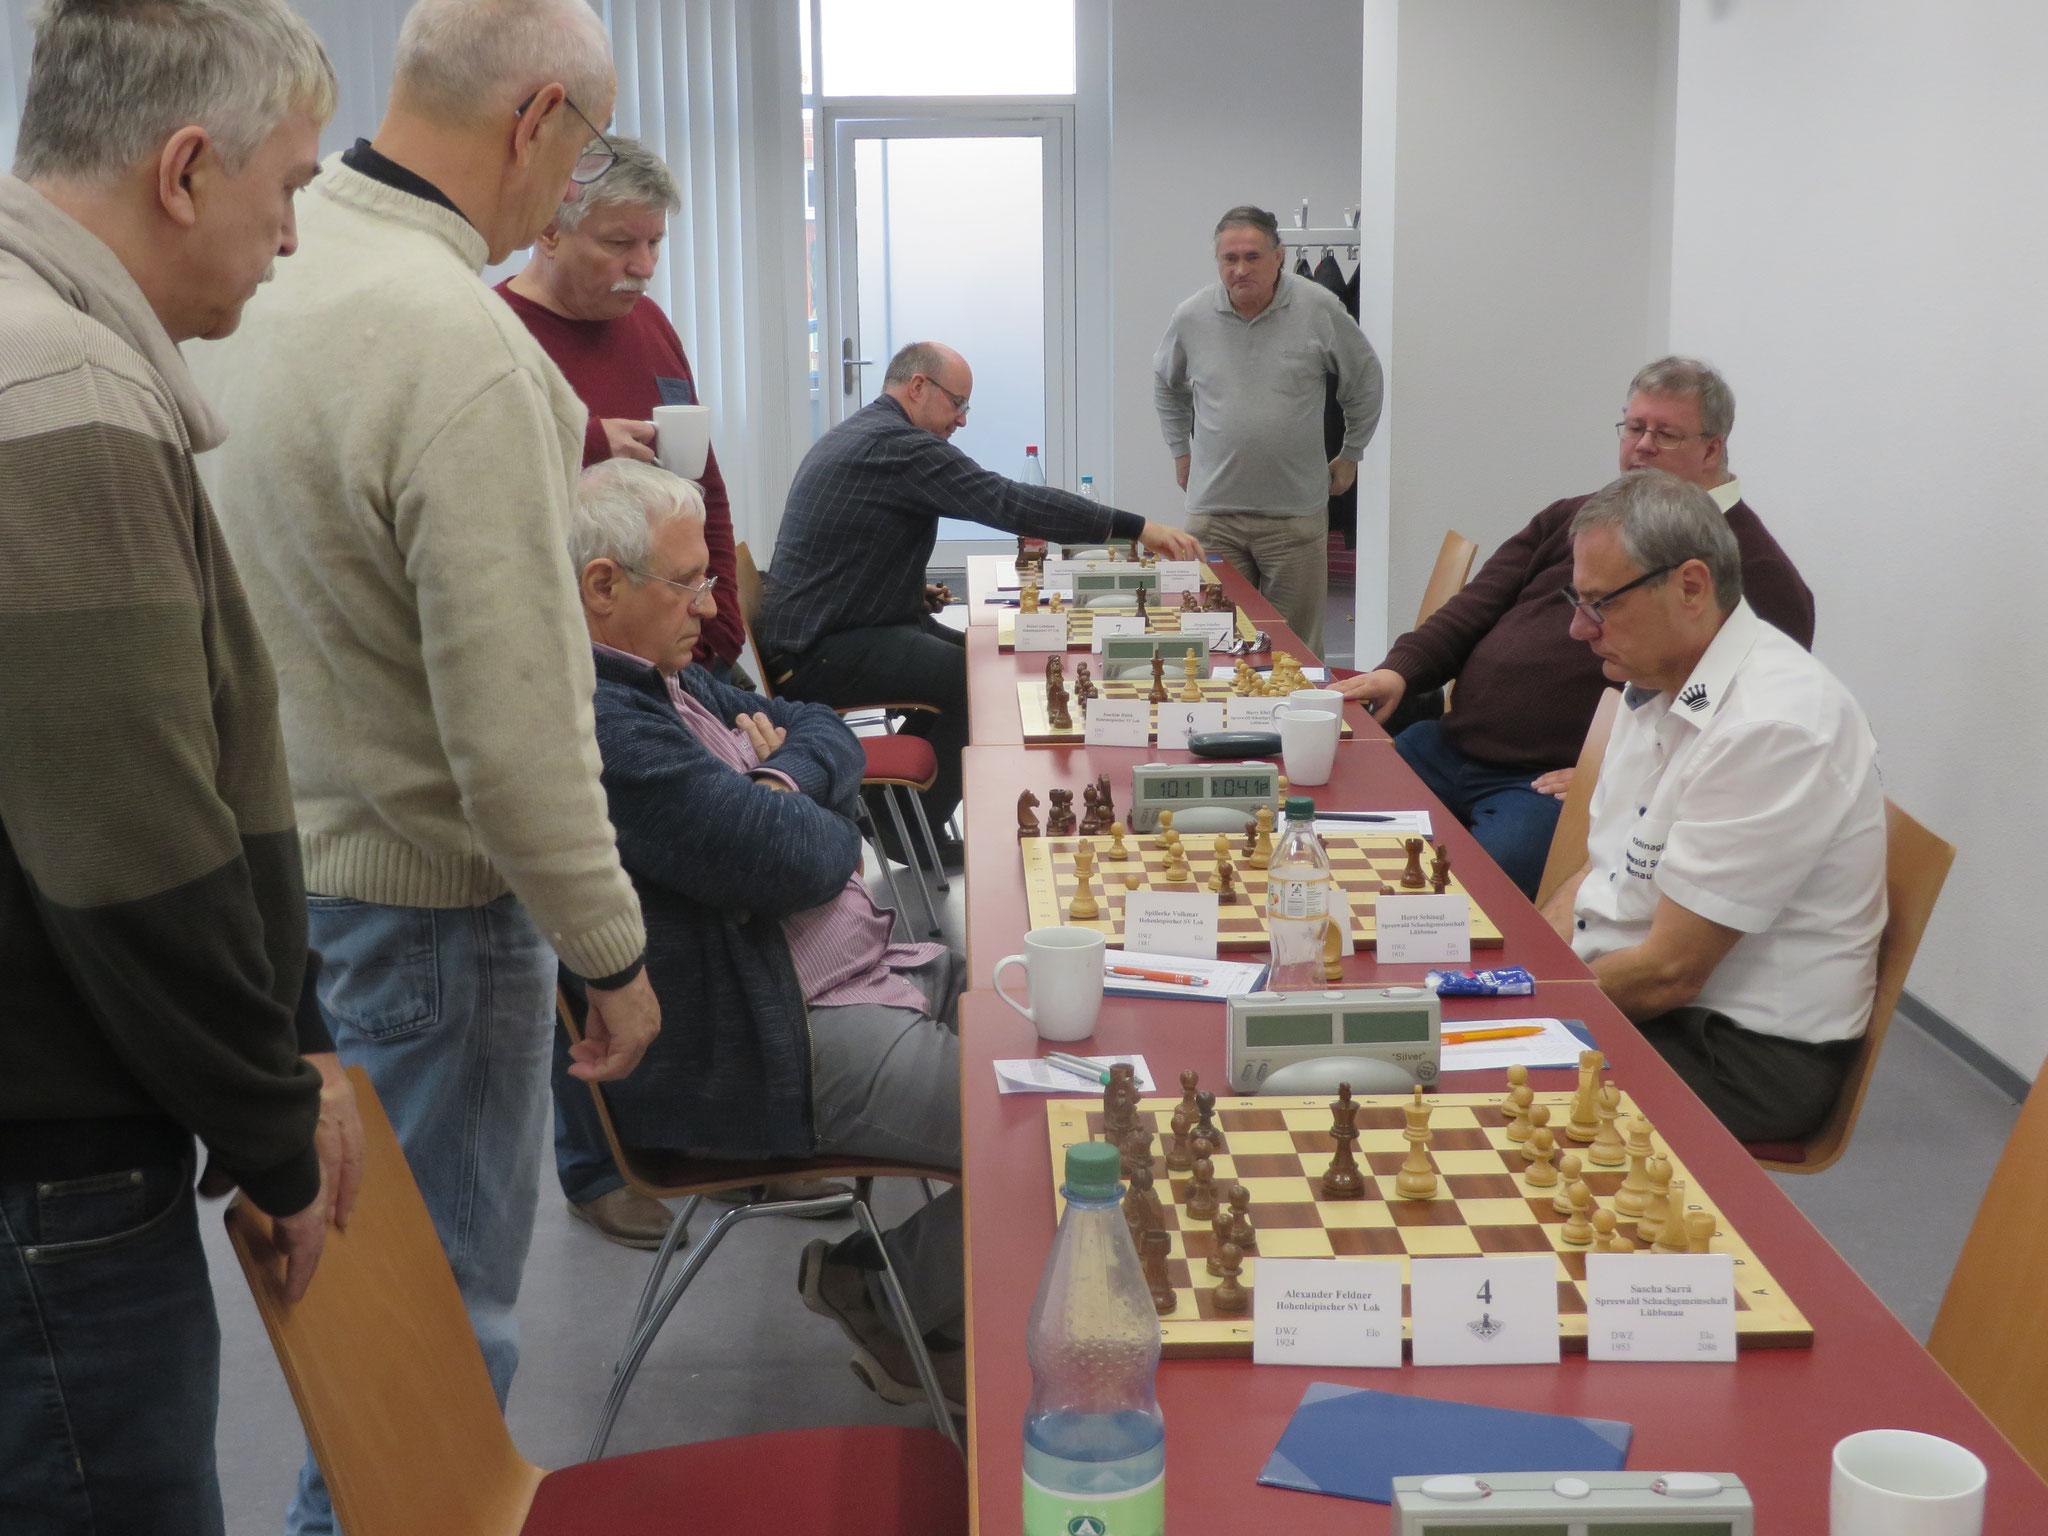 Das Match ist schon entschieden und Horst kämpft in der letzten Partie noch um den vollen Punkt